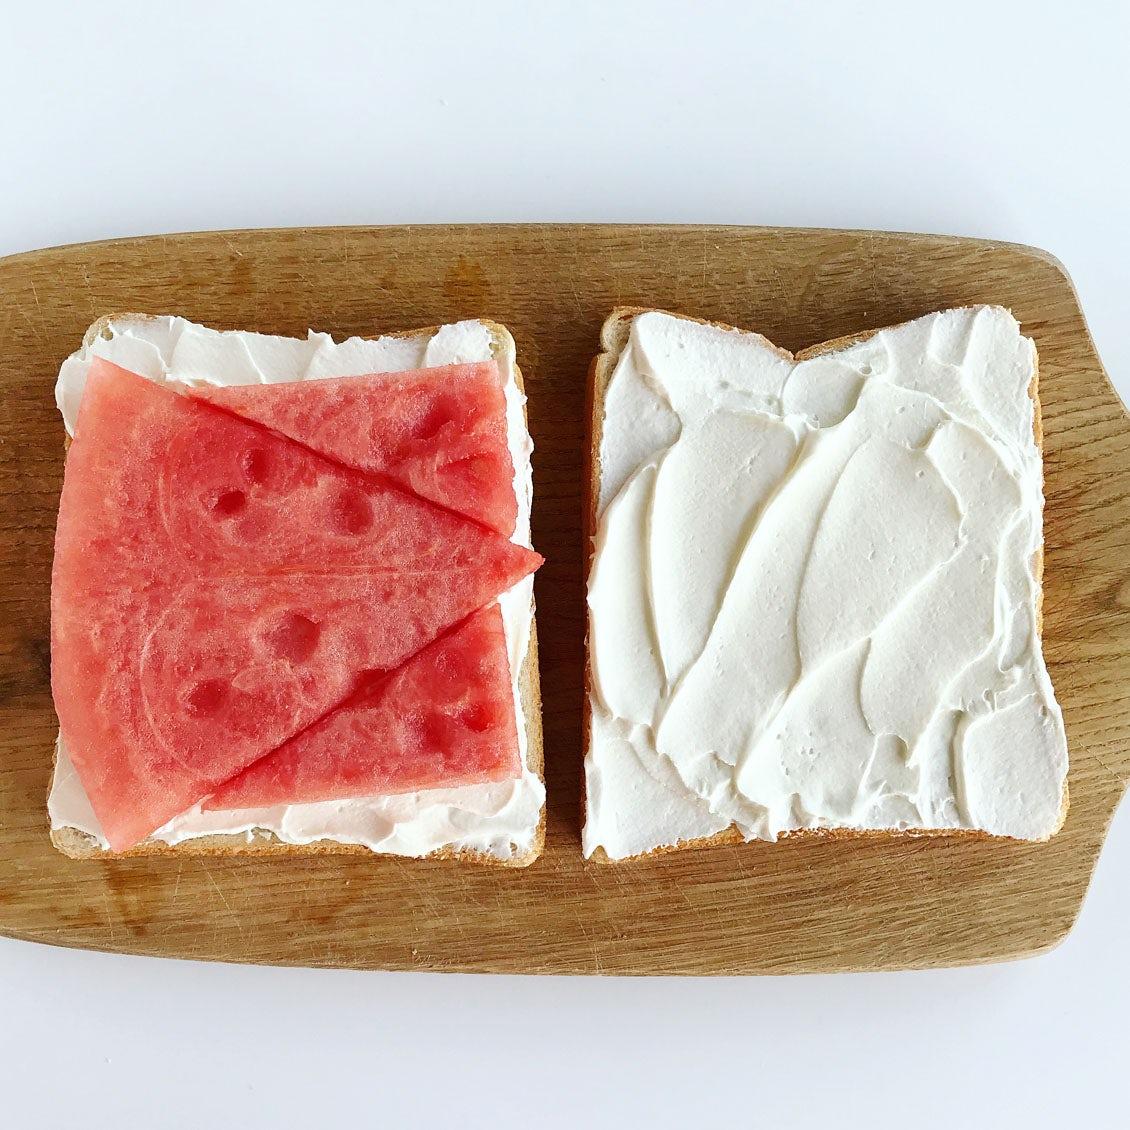 【サンドイッチも、夏コーデ】2話目:ボーダーTシャツのように。夏に爽やか、スイカの赤白サンド